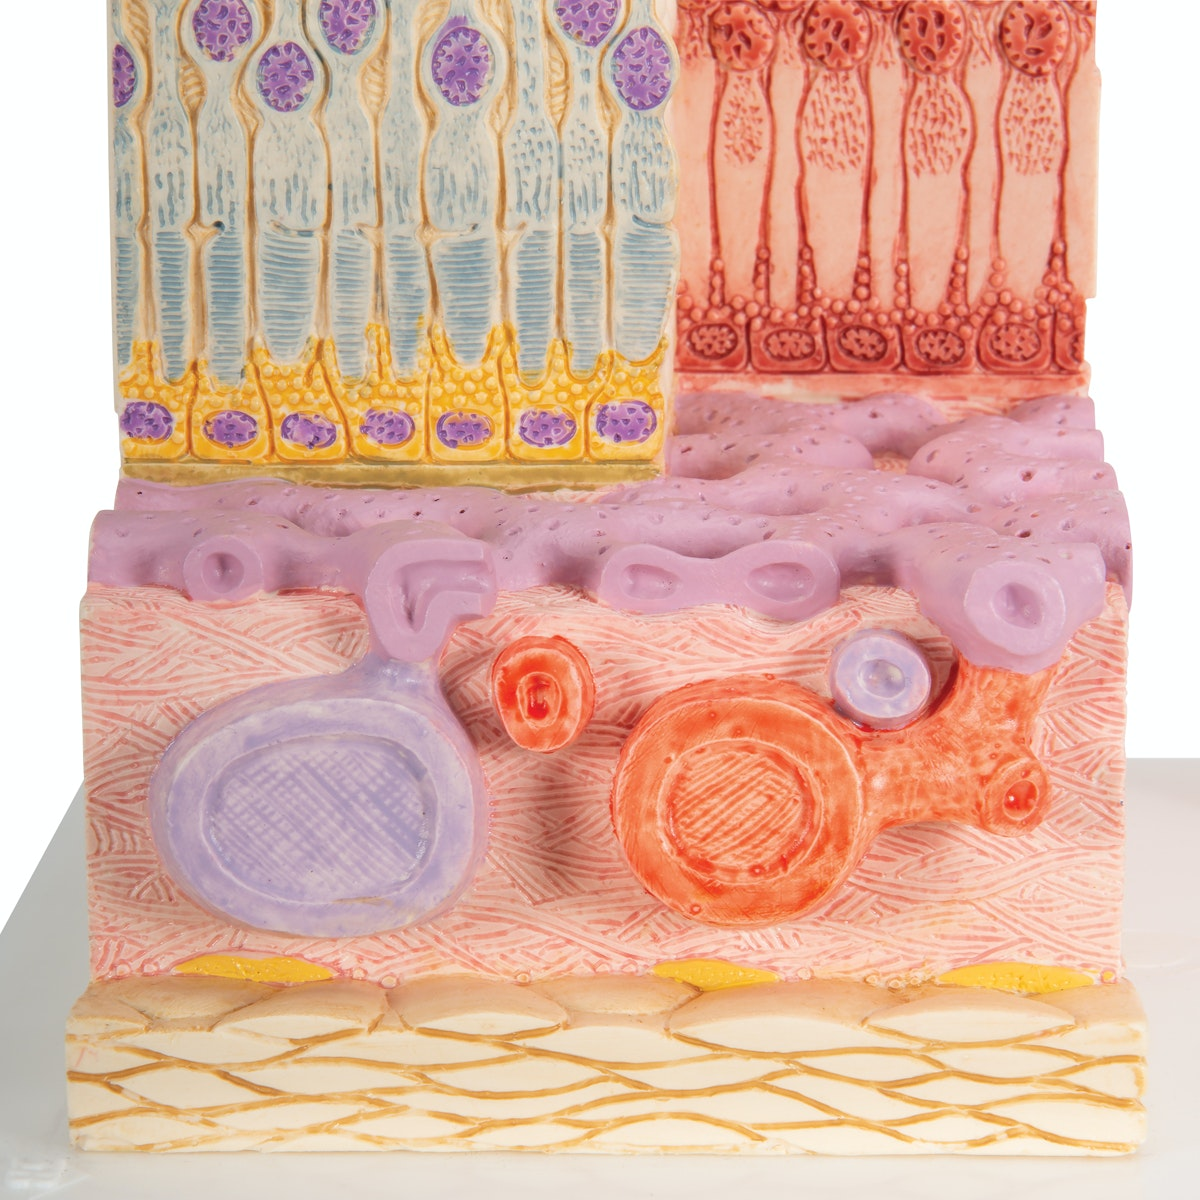 Detaljeret model af cellerne i øjets retina, choroidea og sklera i et mikroskopisk perspektiv